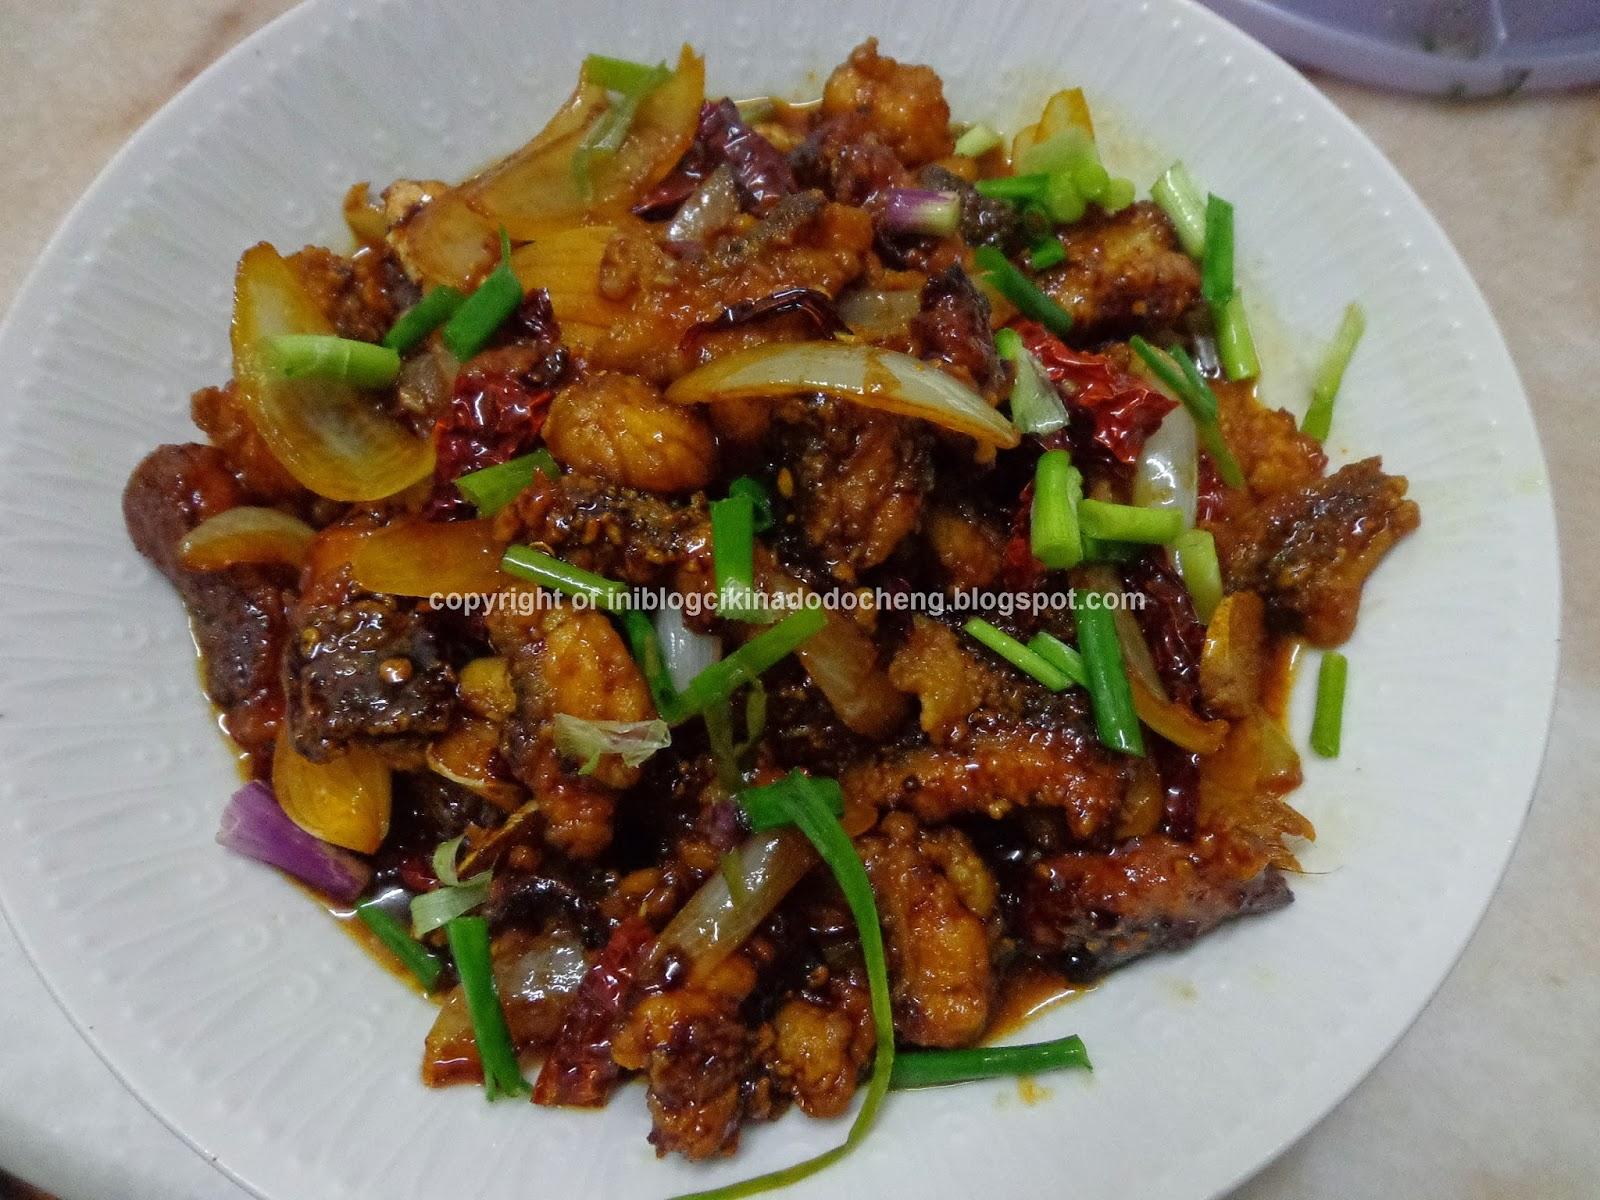 Blog Cik Ina Do Do Cheng: resepi isi ikan kerapu goreng ...